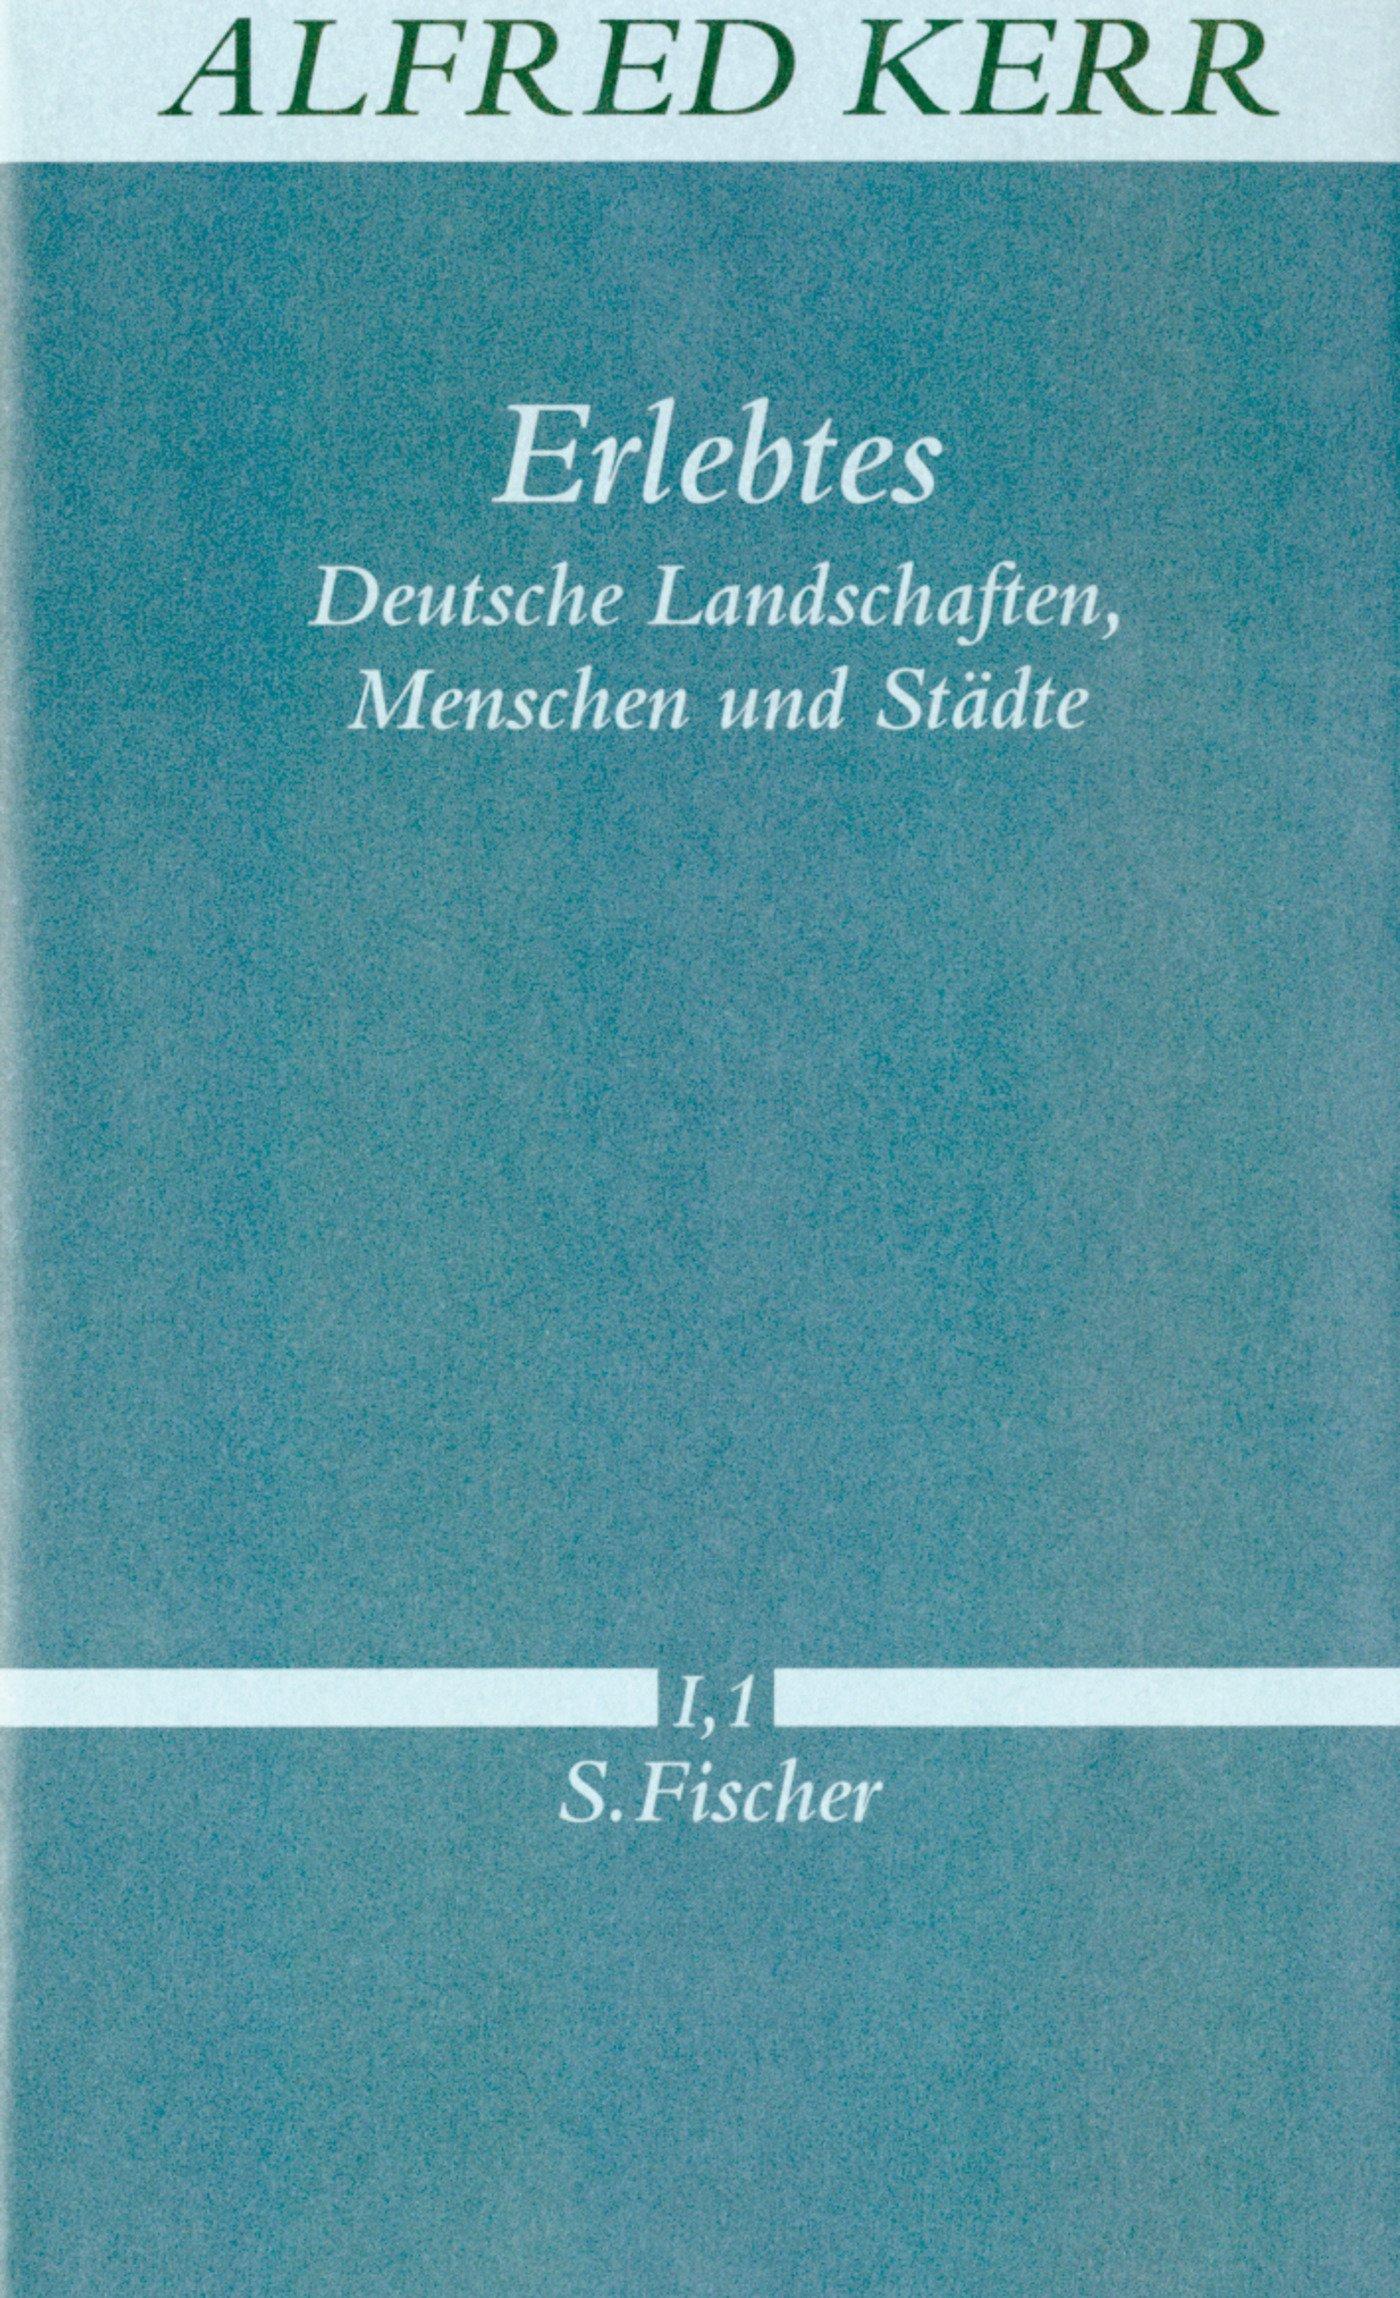 Erlebtes: Deutsche Landschaften, Menschen und Städte (Alfred Kerr, Werke in Einzelbänden)